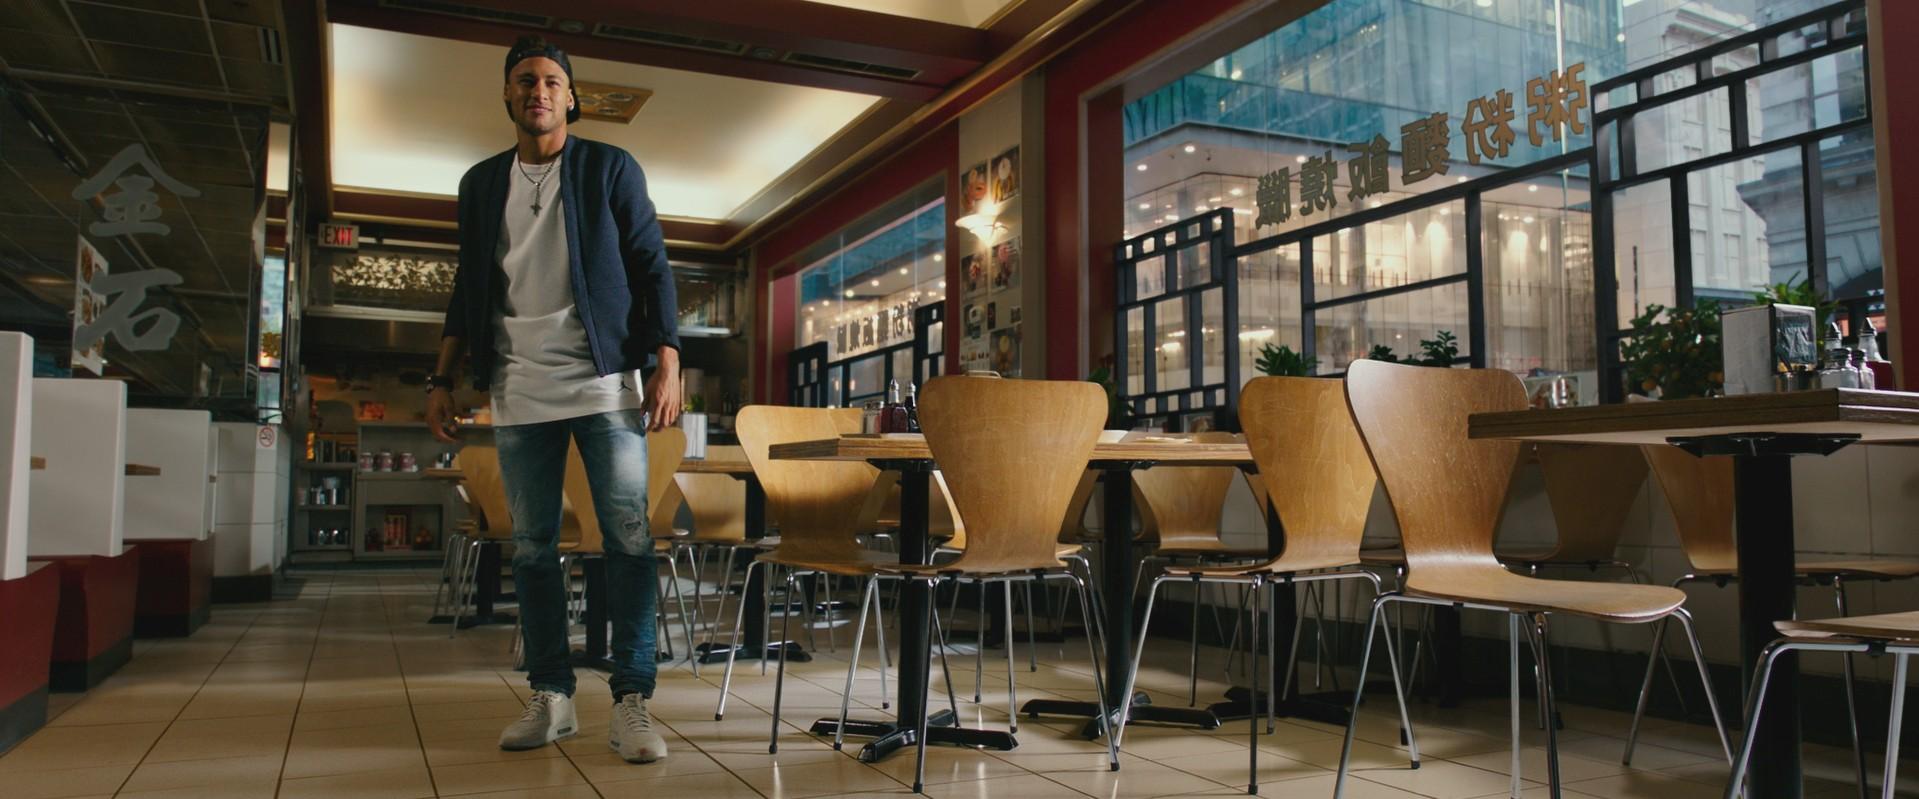 кадры из фильма Три Икса: Мировое господство